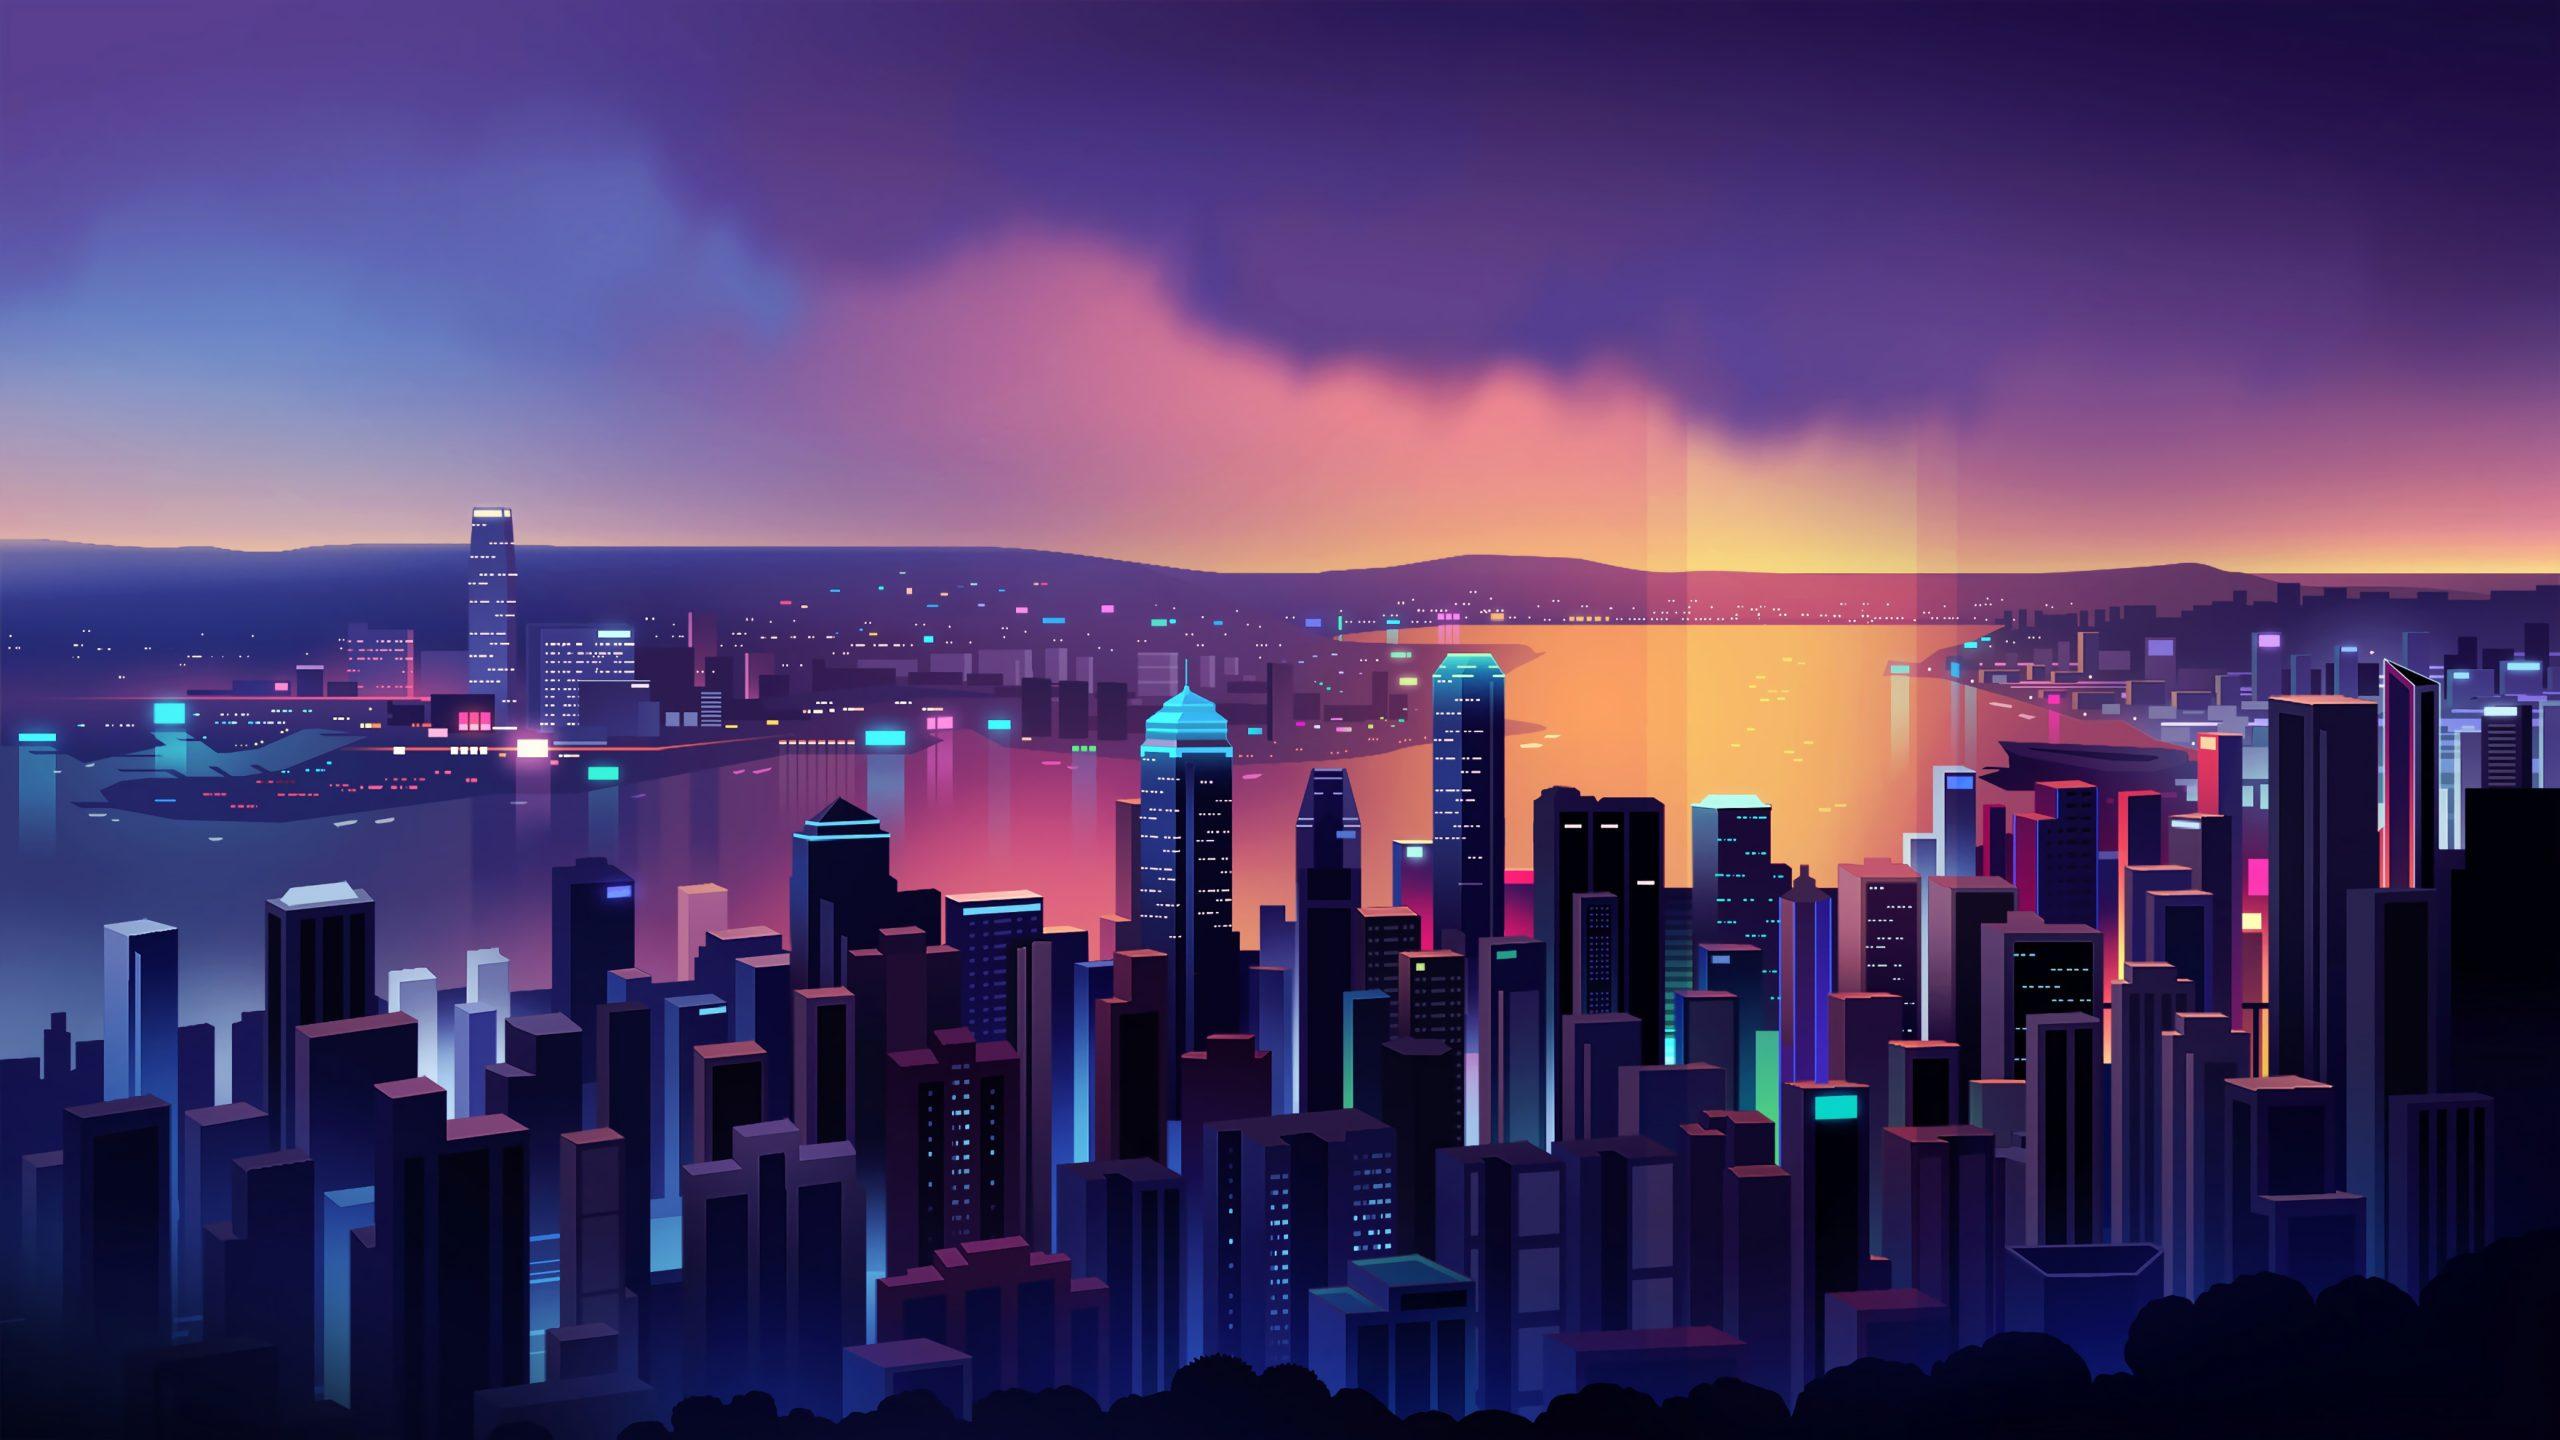 Неоновый город ночь неон город